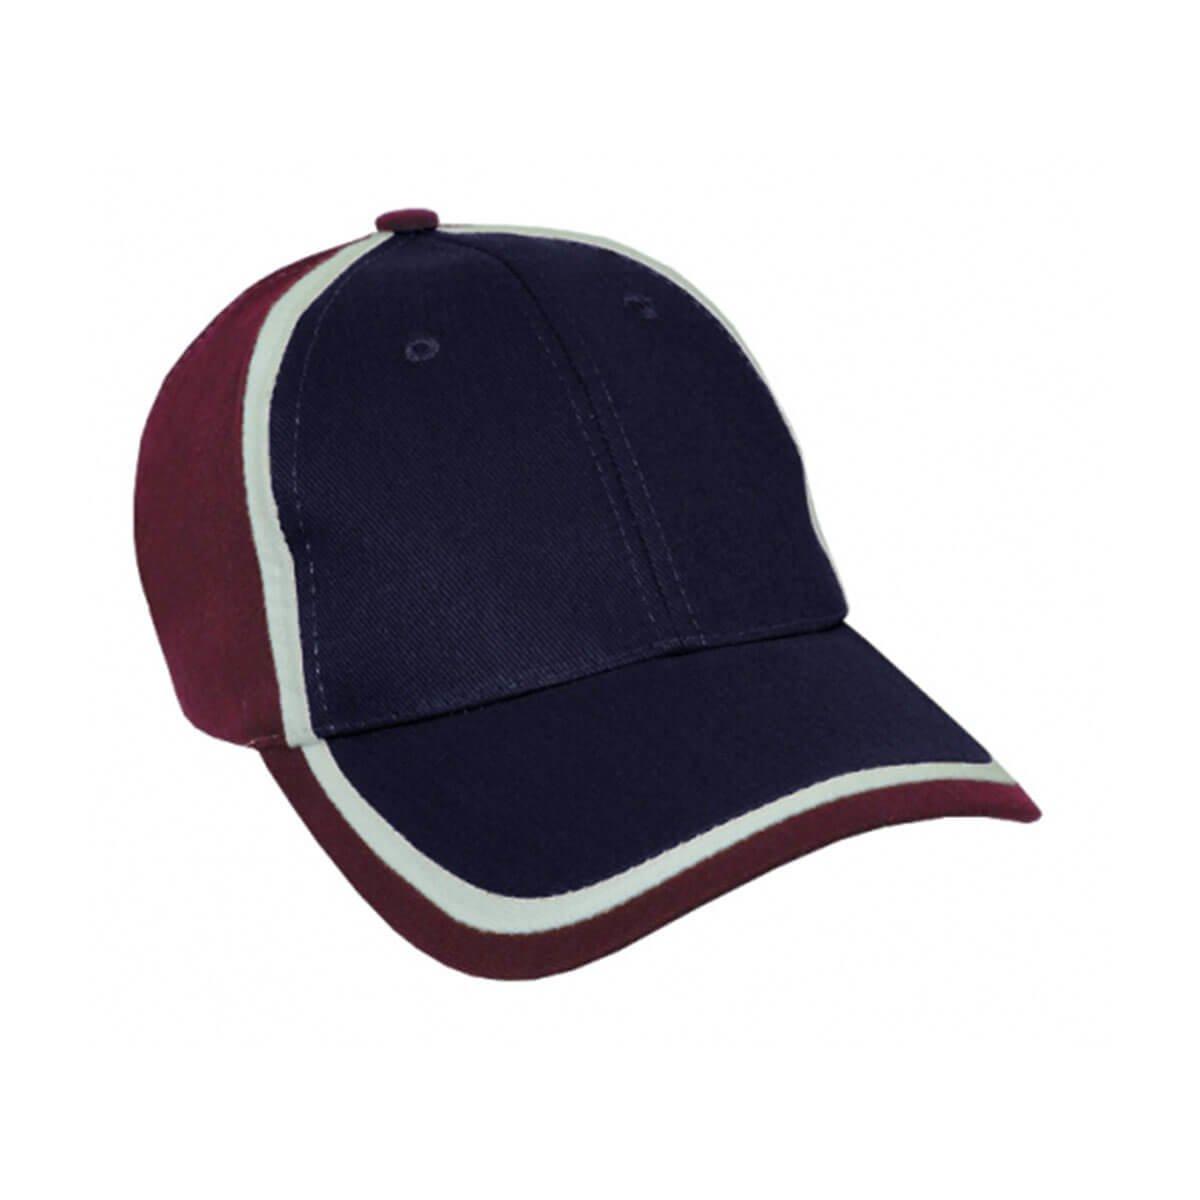 HBC Trim Design Cap-Navy / White / Maroon